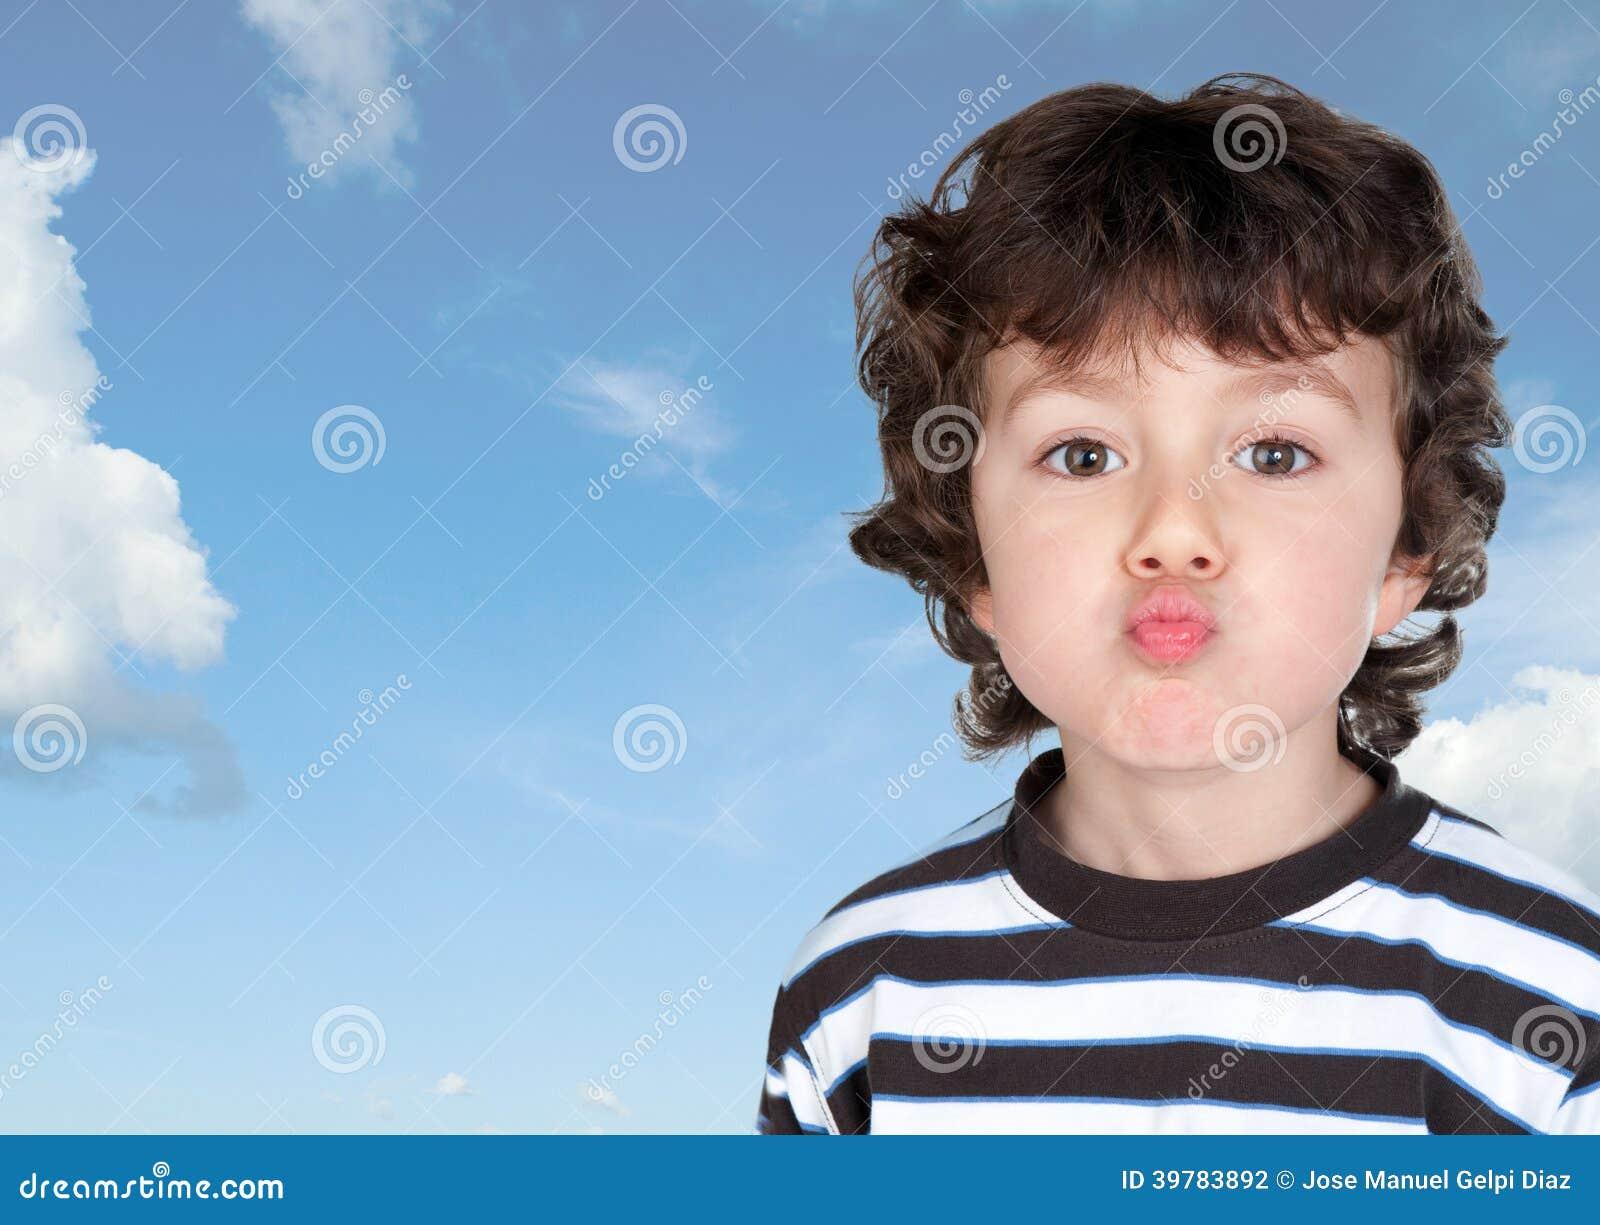 Смешной ребенок делая гримасу бросая поцелуй